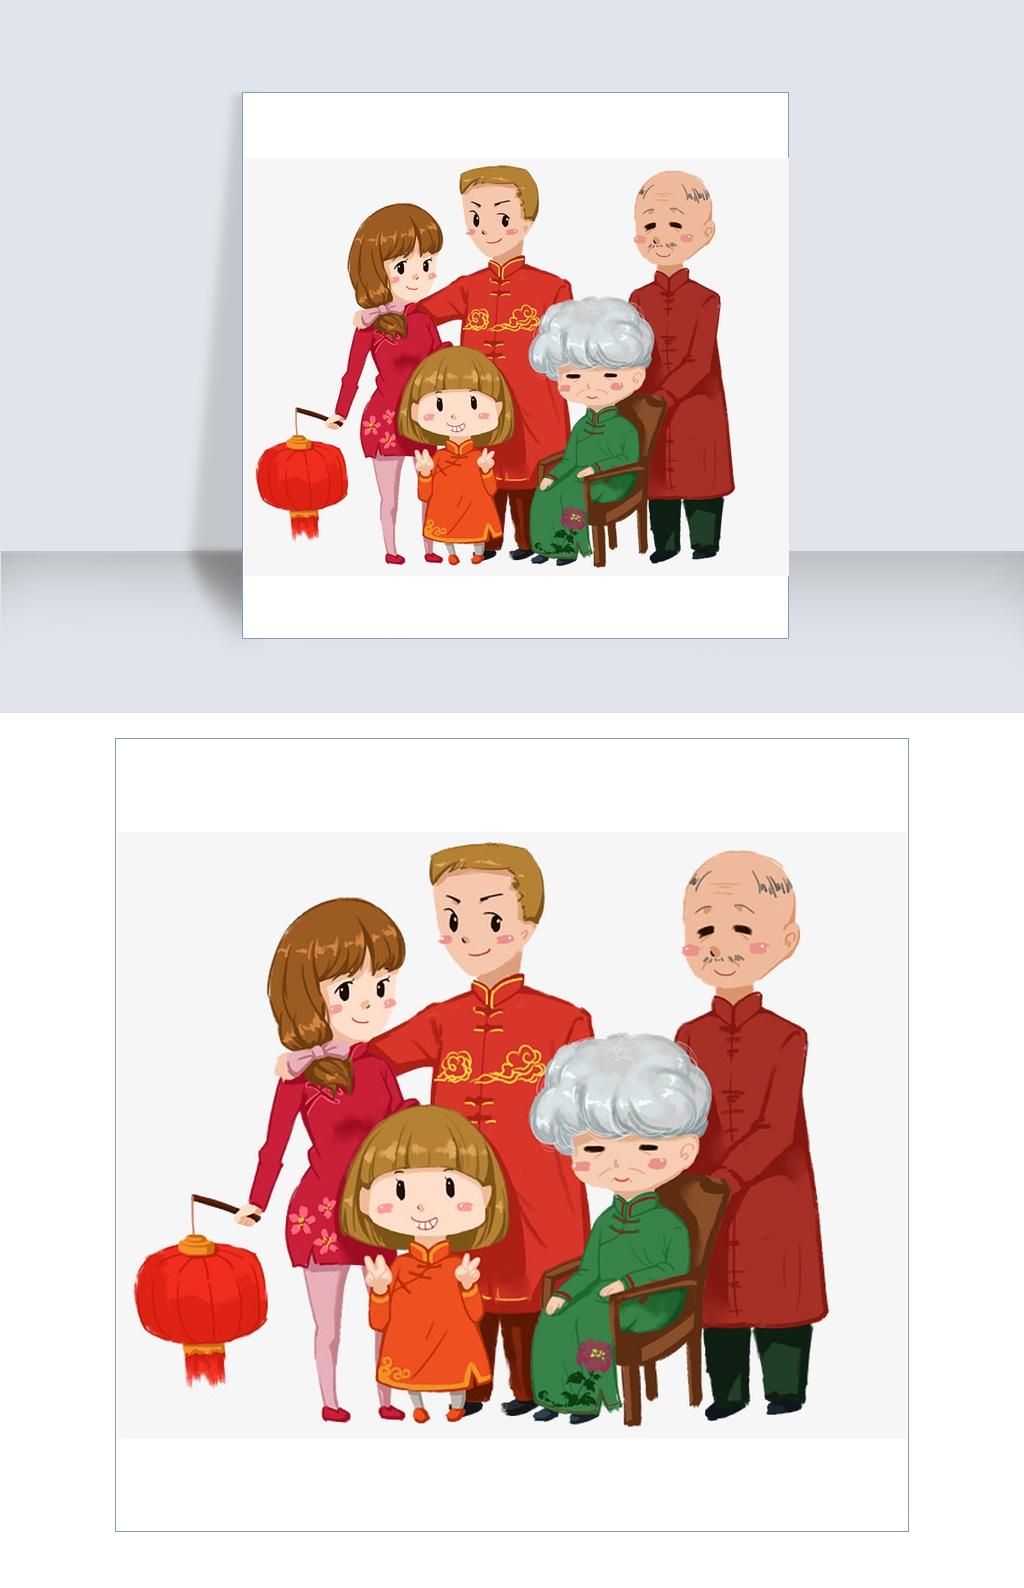 手绘五口之家全家福图片素材 其他格式 下载 动漫人物大全